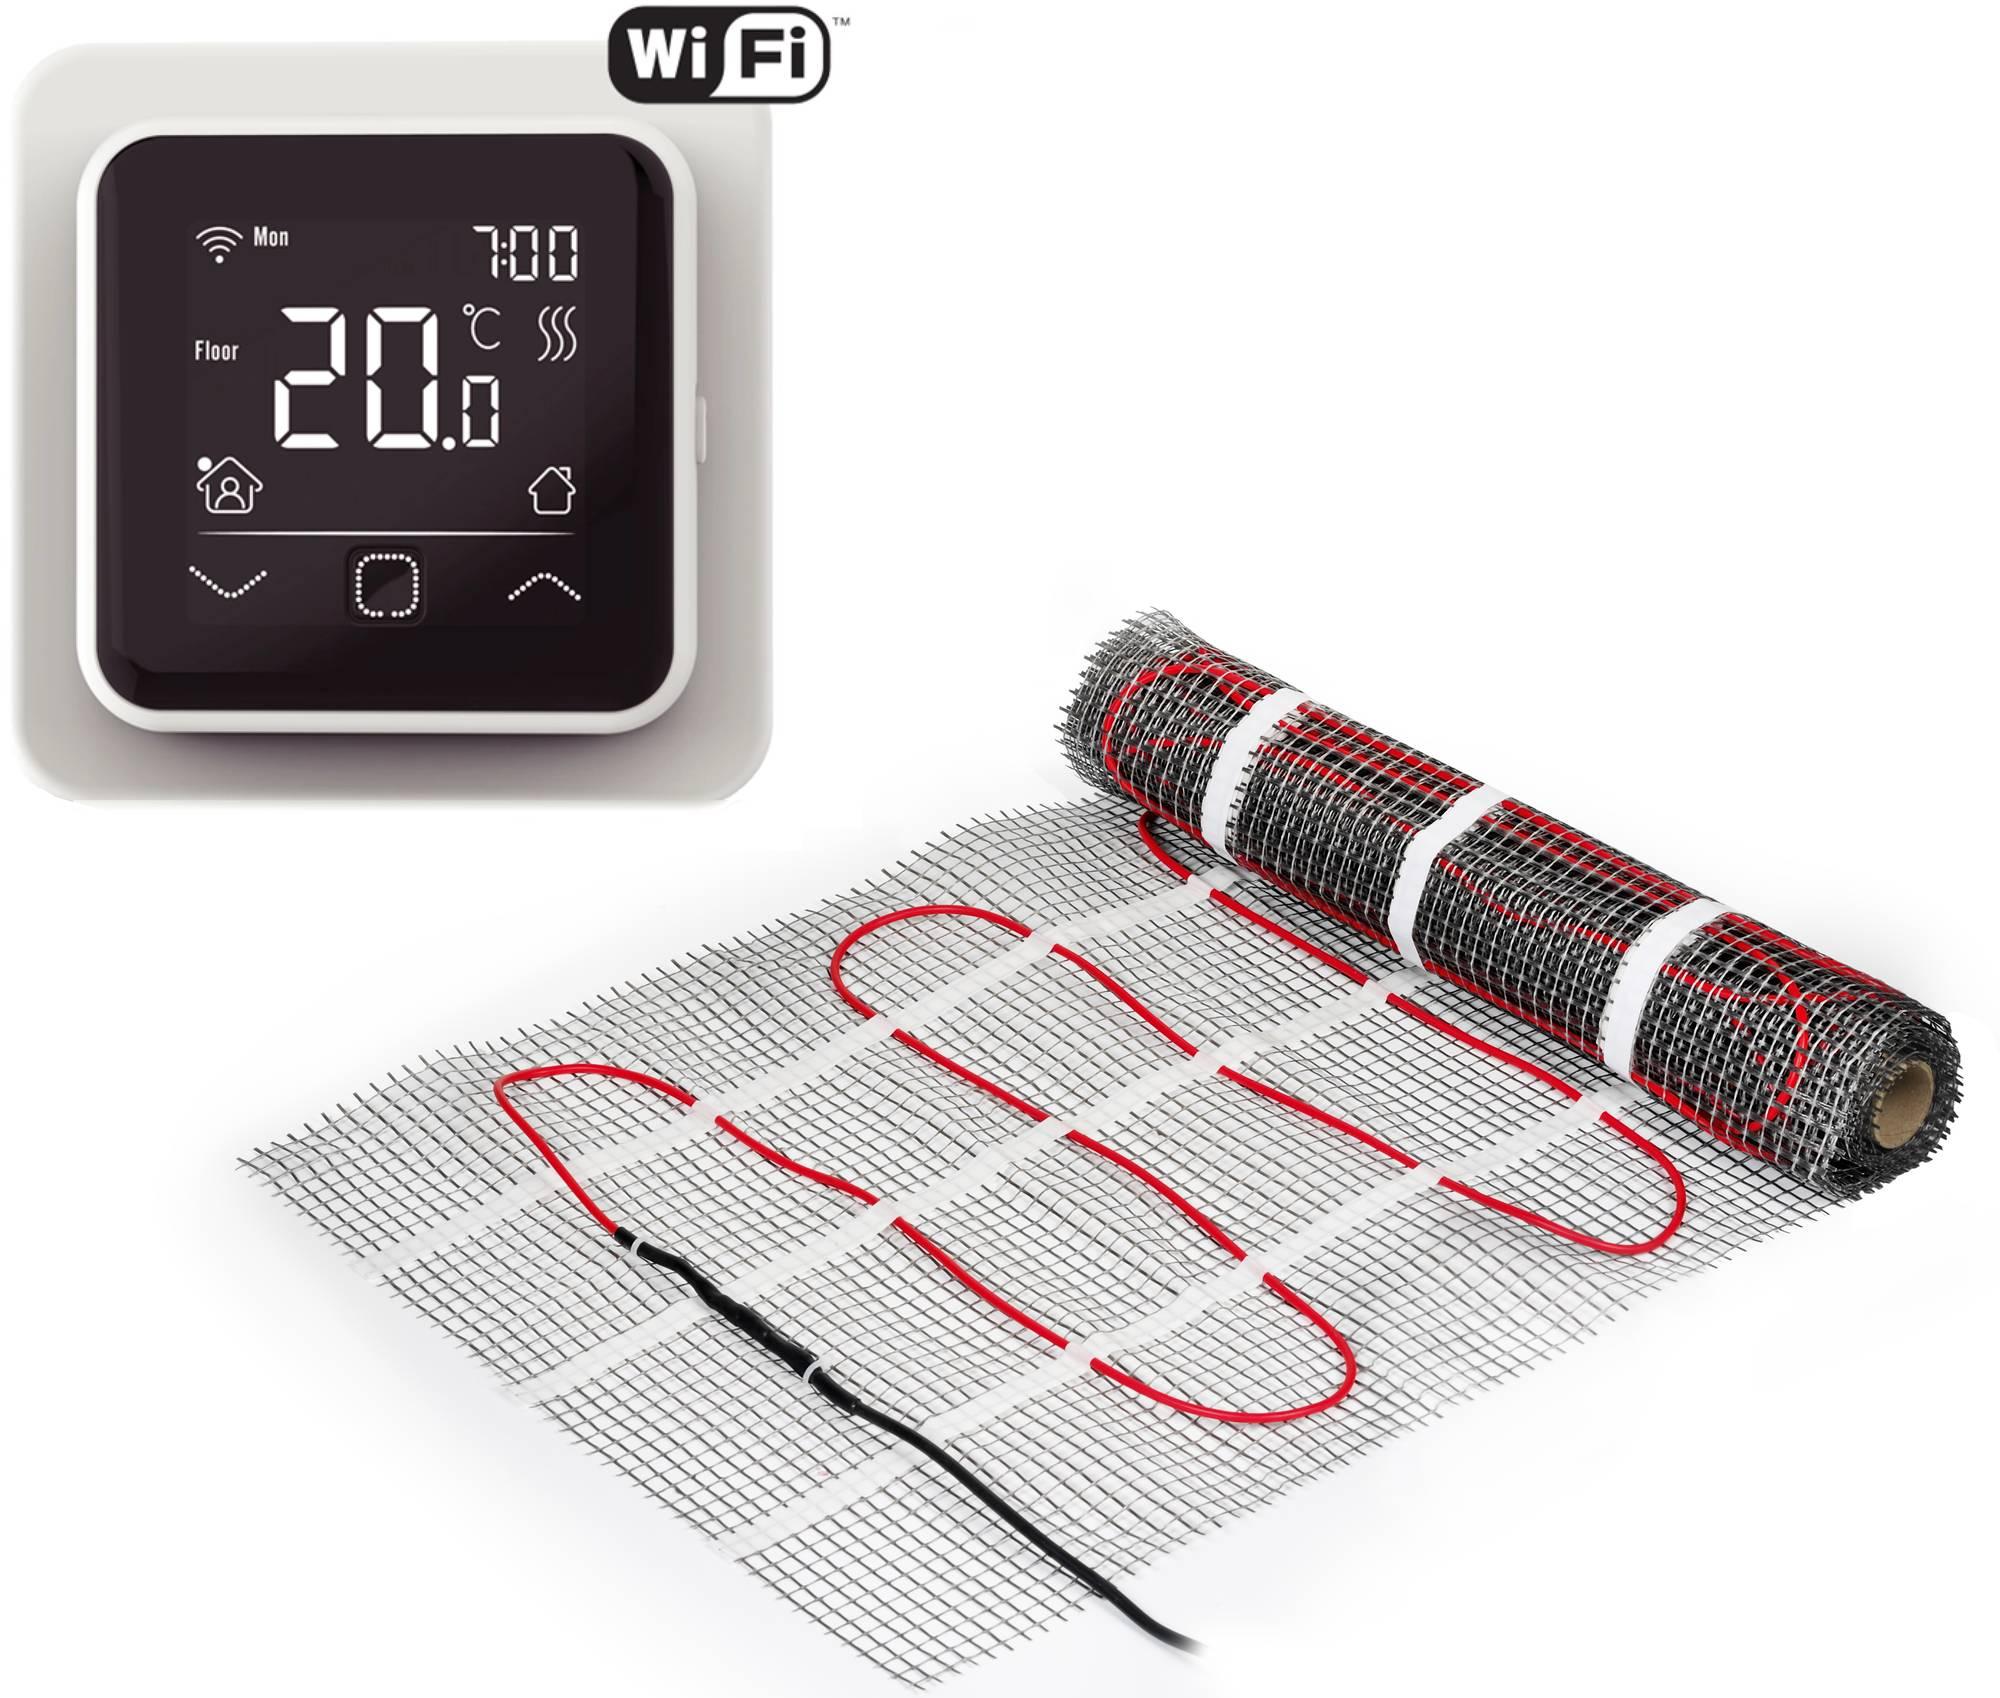 Ben Comforta Vloerverwarming 3 m² met WIFI Klokthermostaat Wit